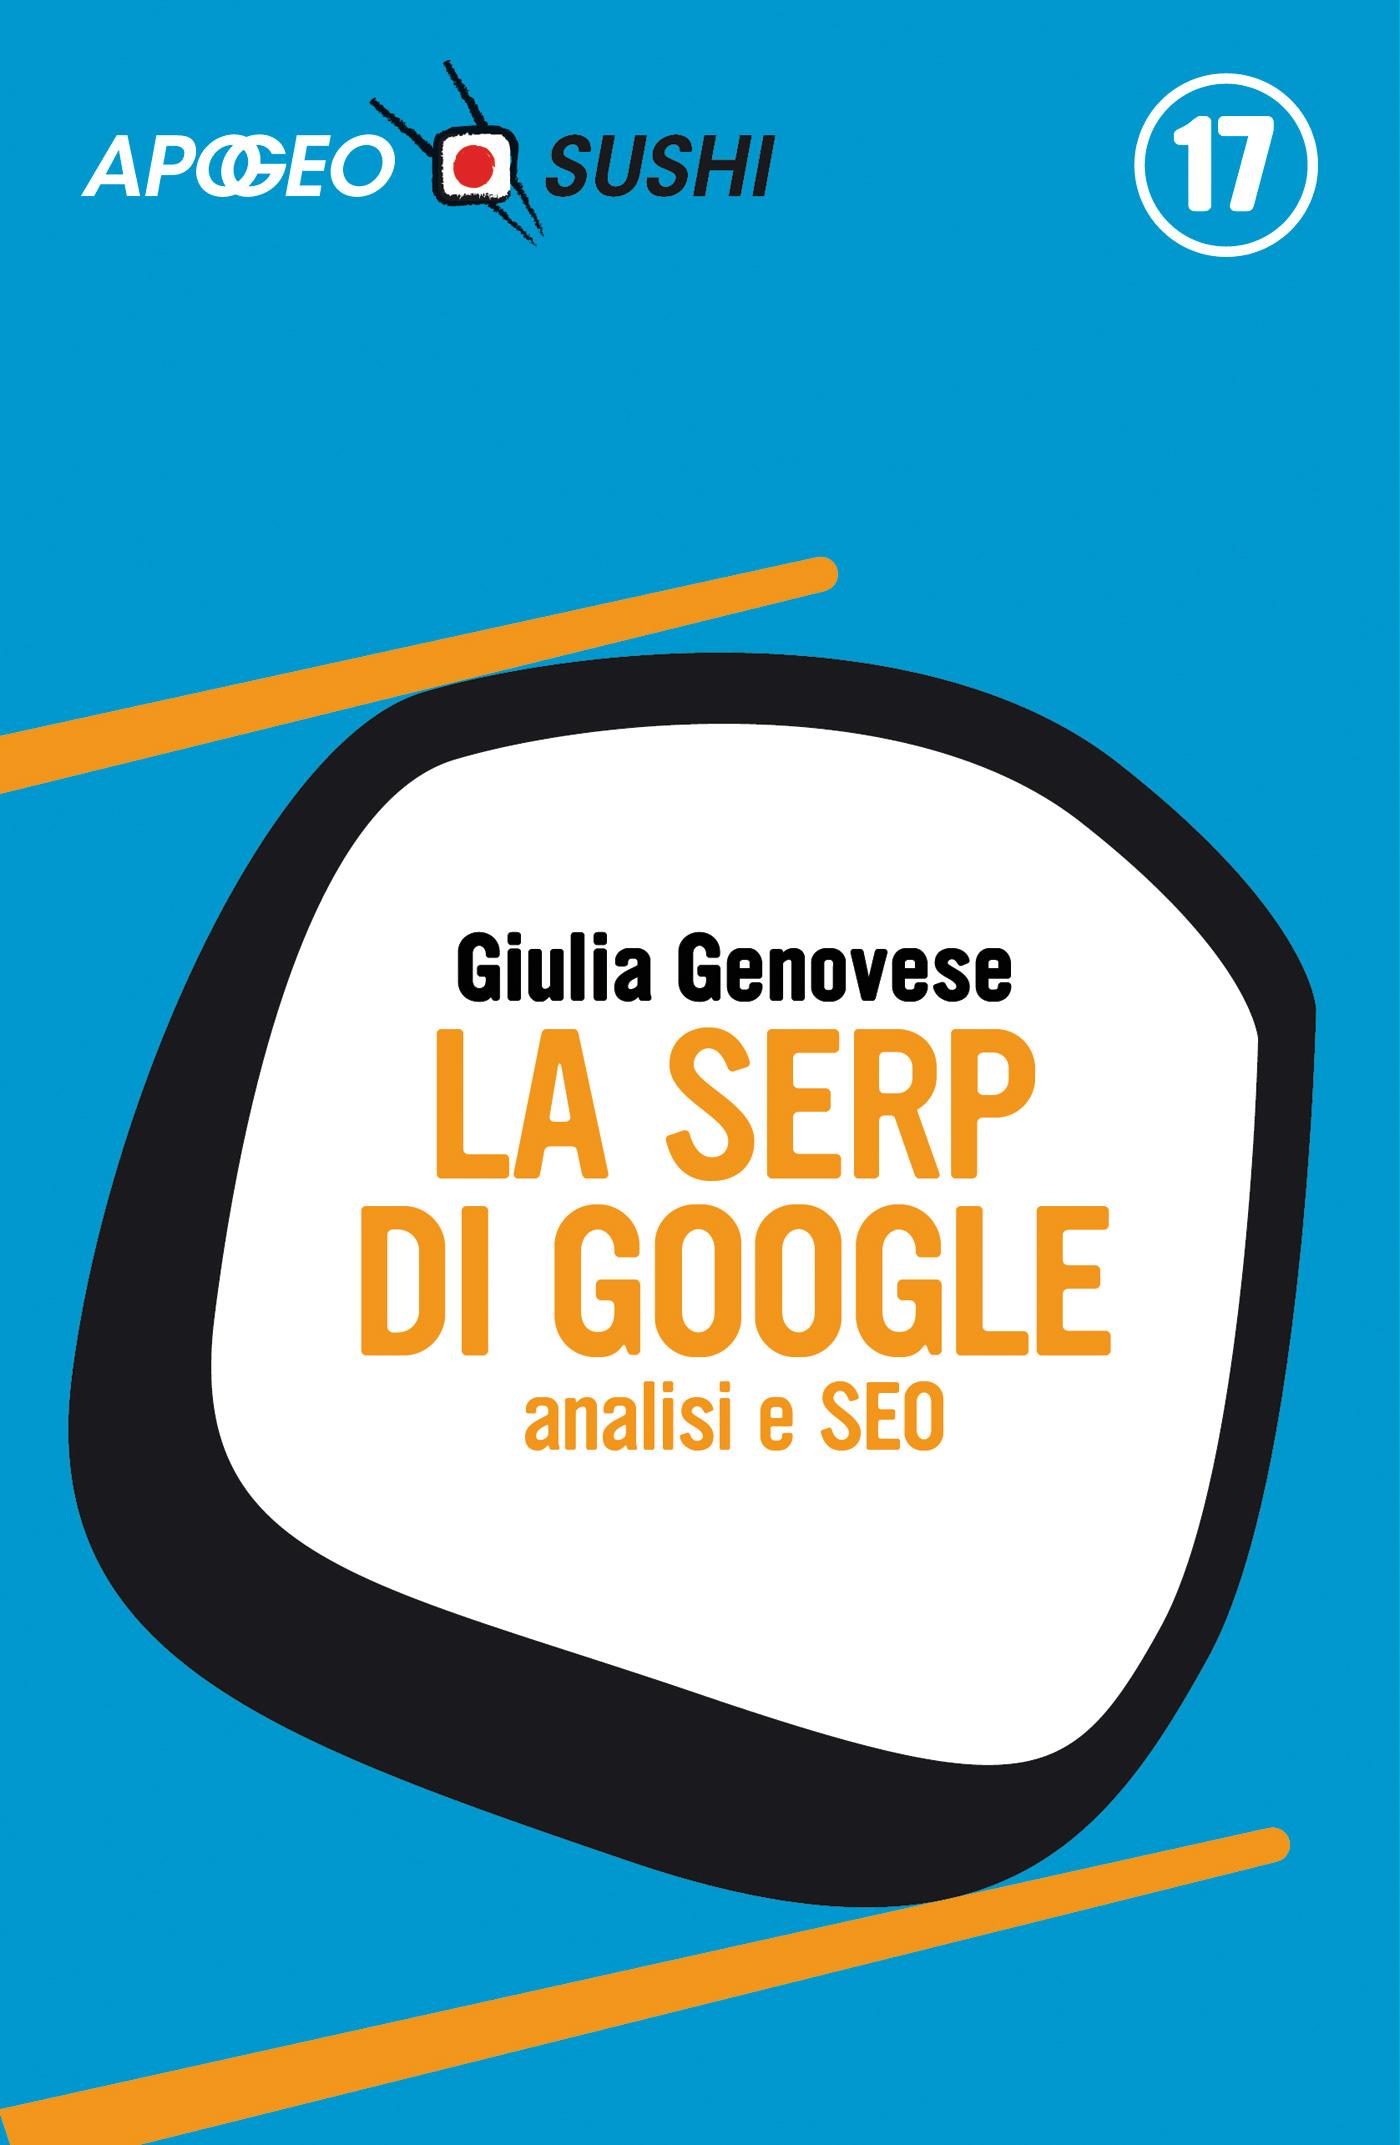 La SERP di Google – Giulia Genovese